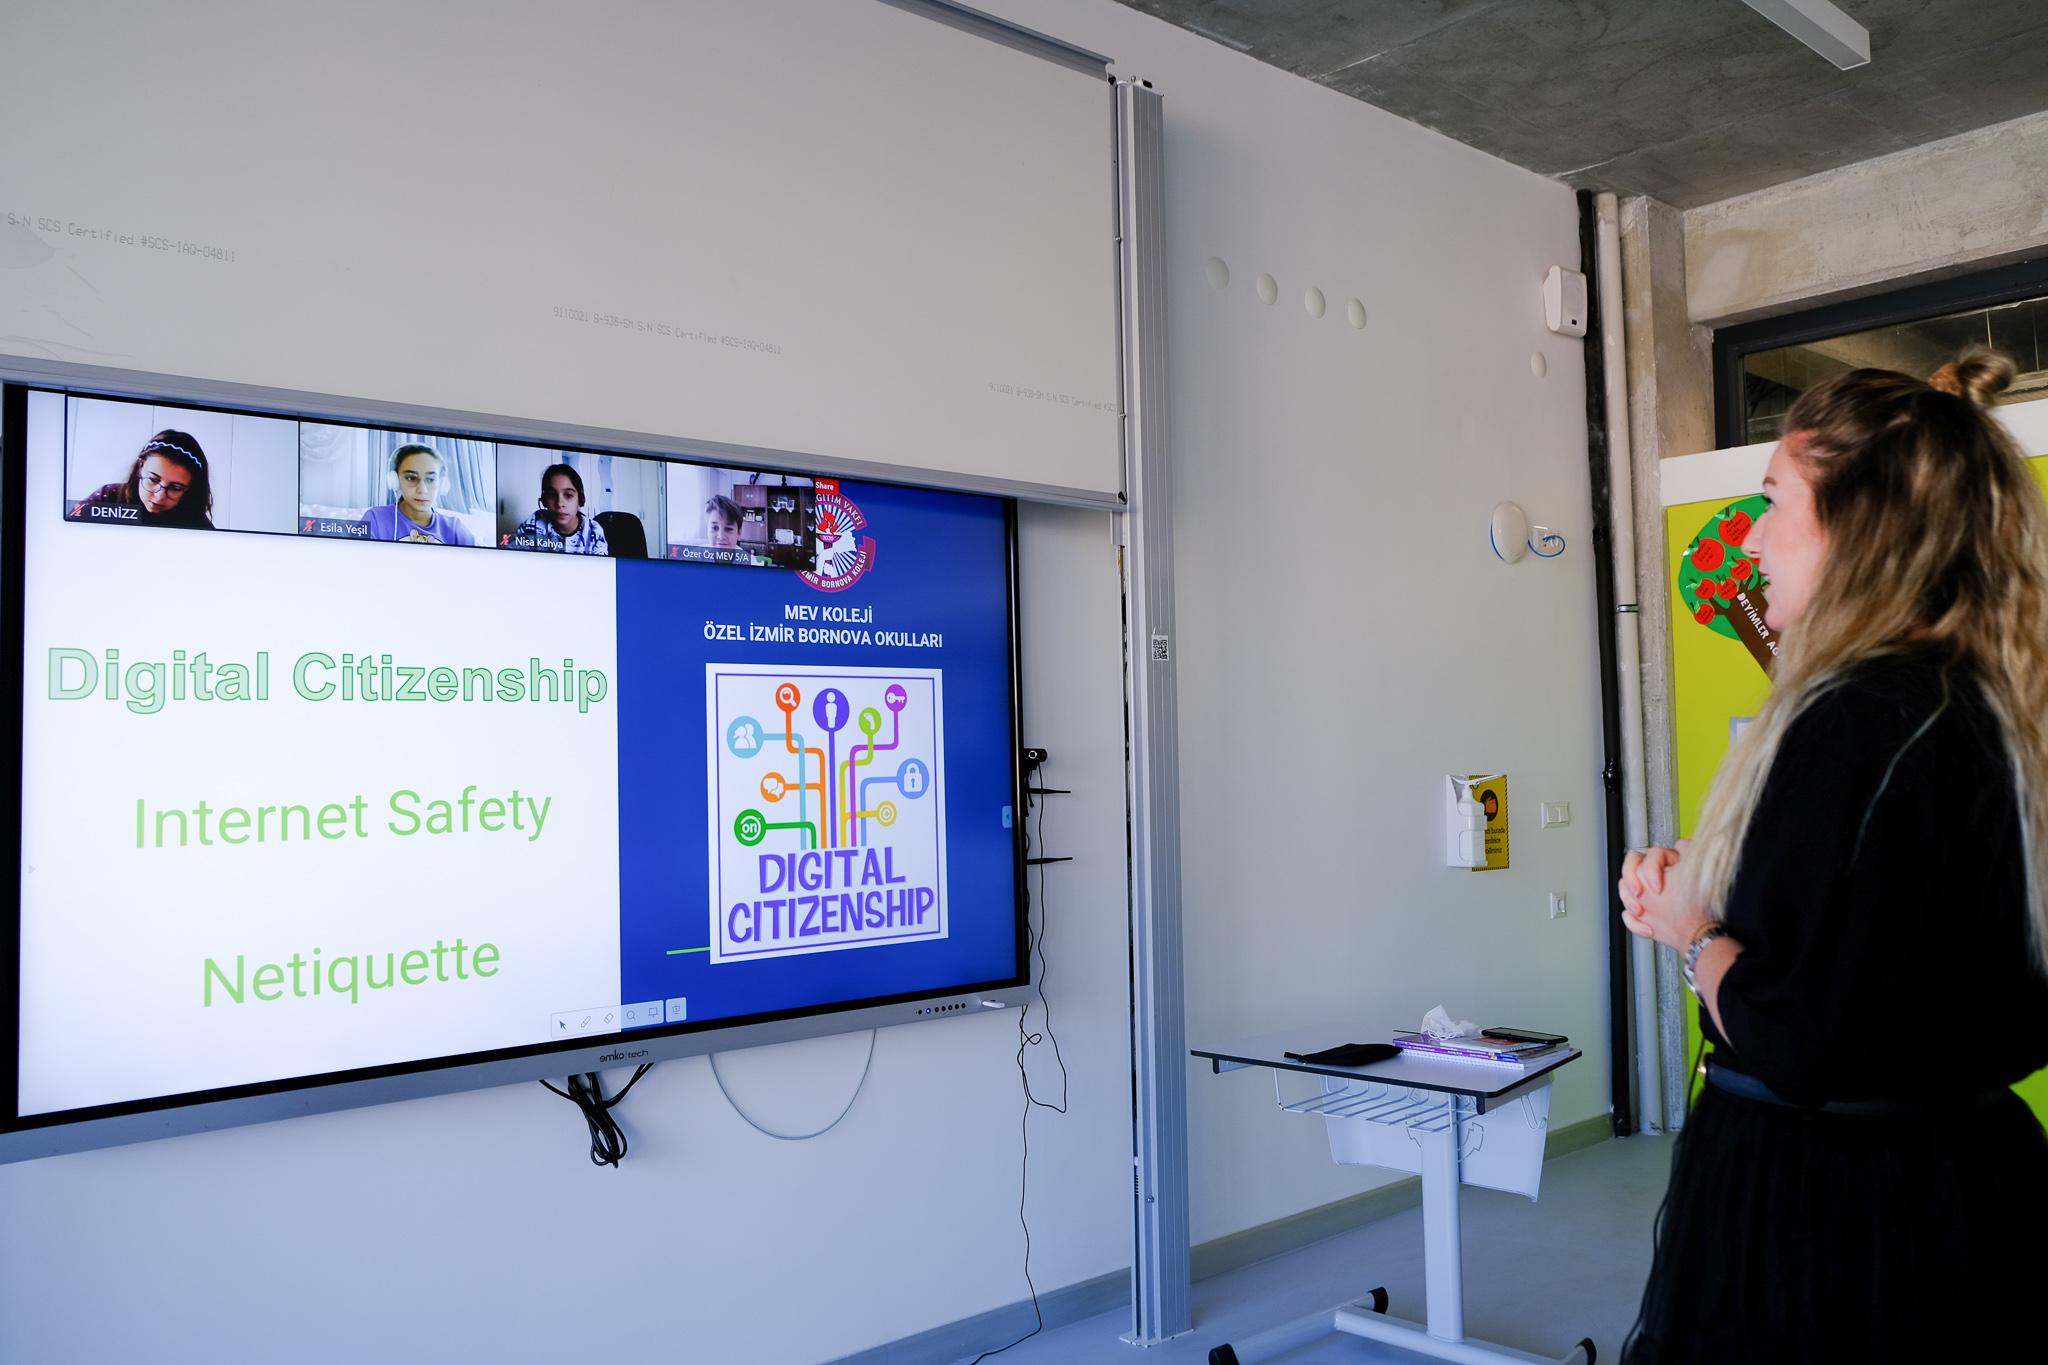 MEV Bornova'da dijital vatandaşlığa ilk adım